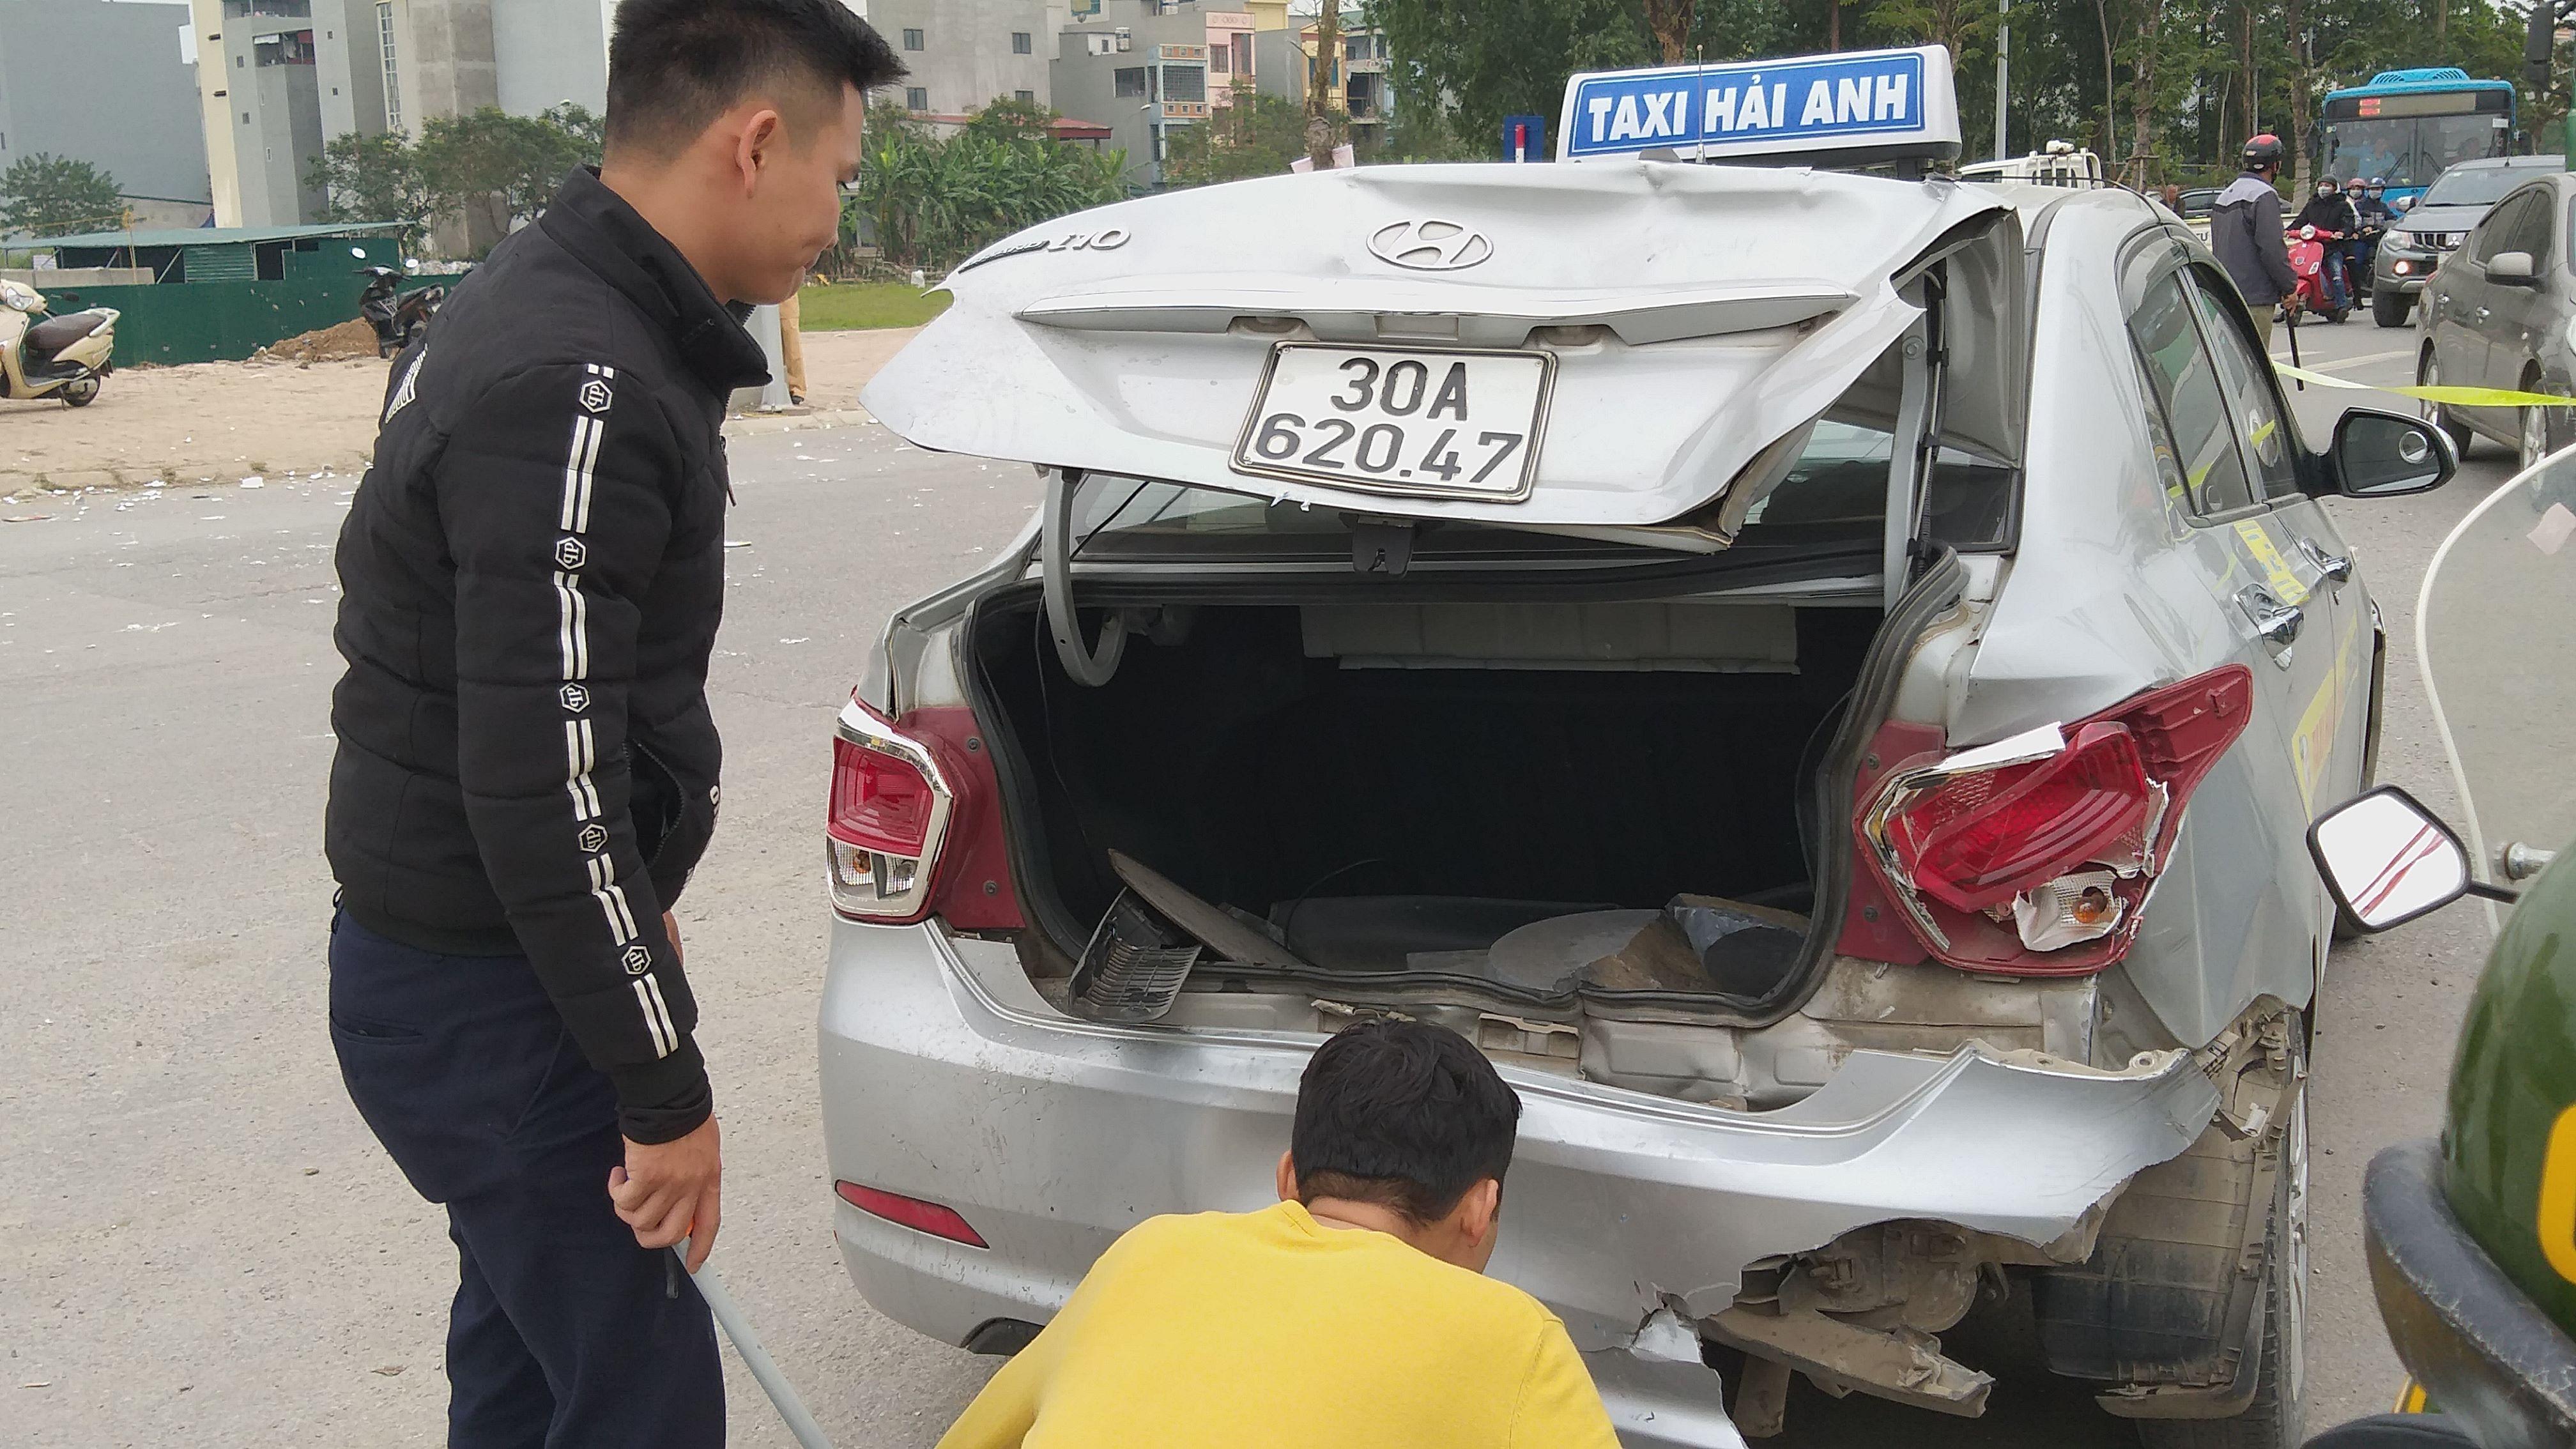 Chiếc xe taxi bị ô tô 5 chỗ tông trúng